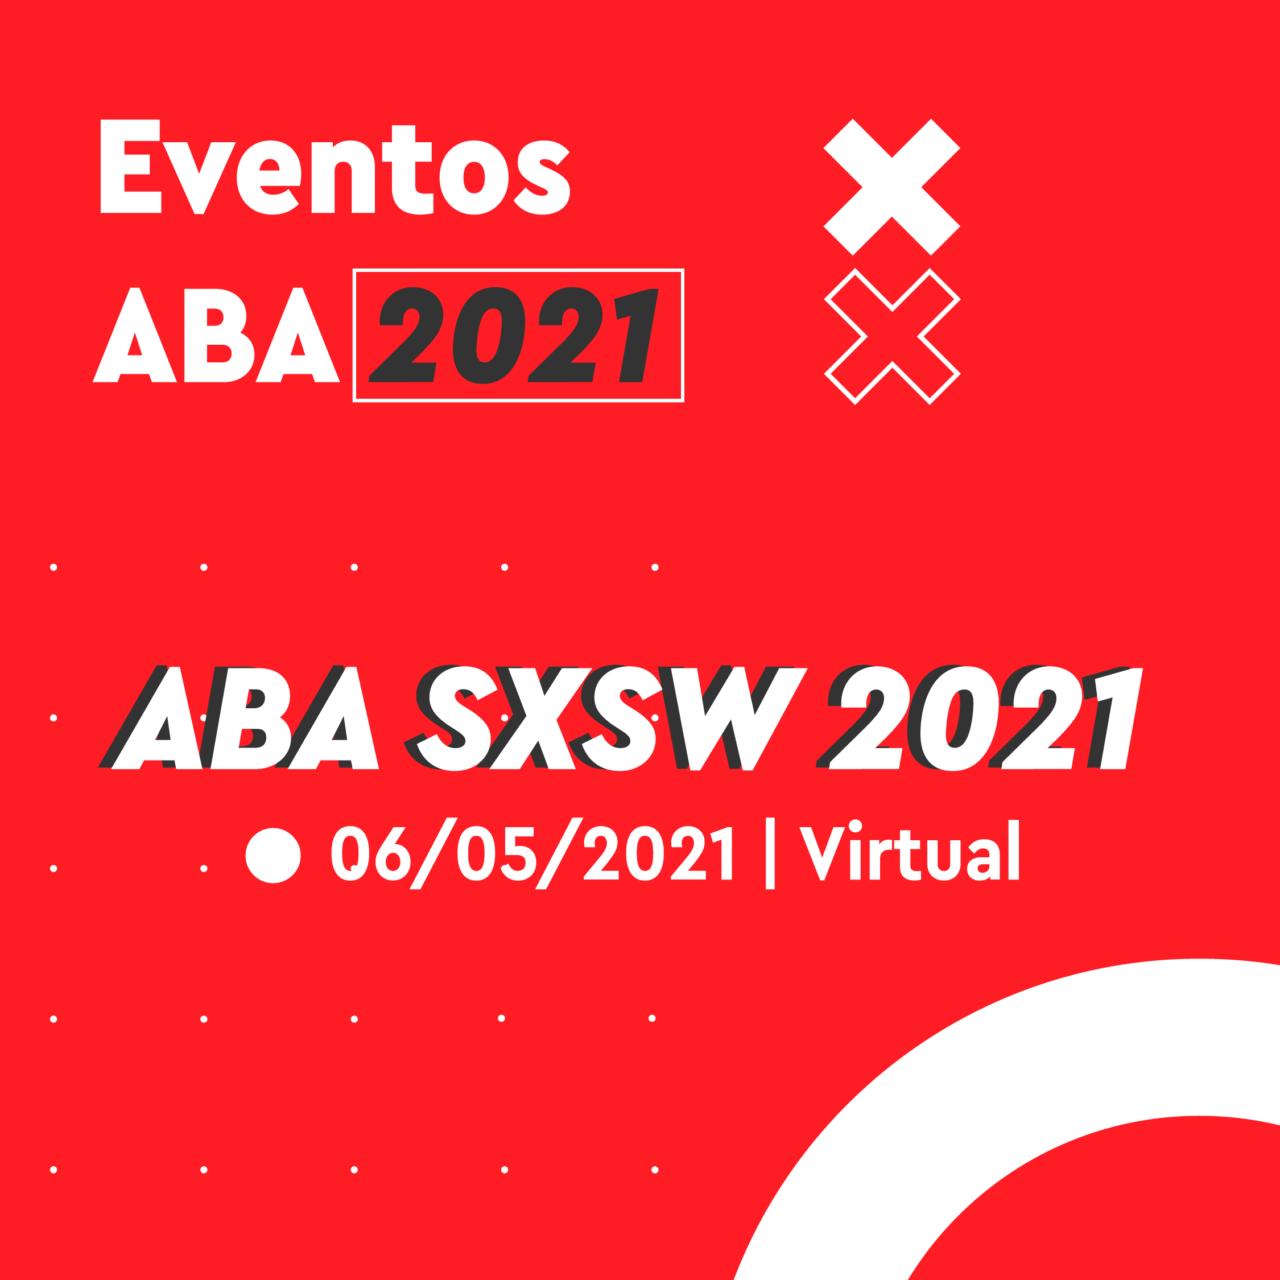 Eventos 2021 Portal_Prancheta 1